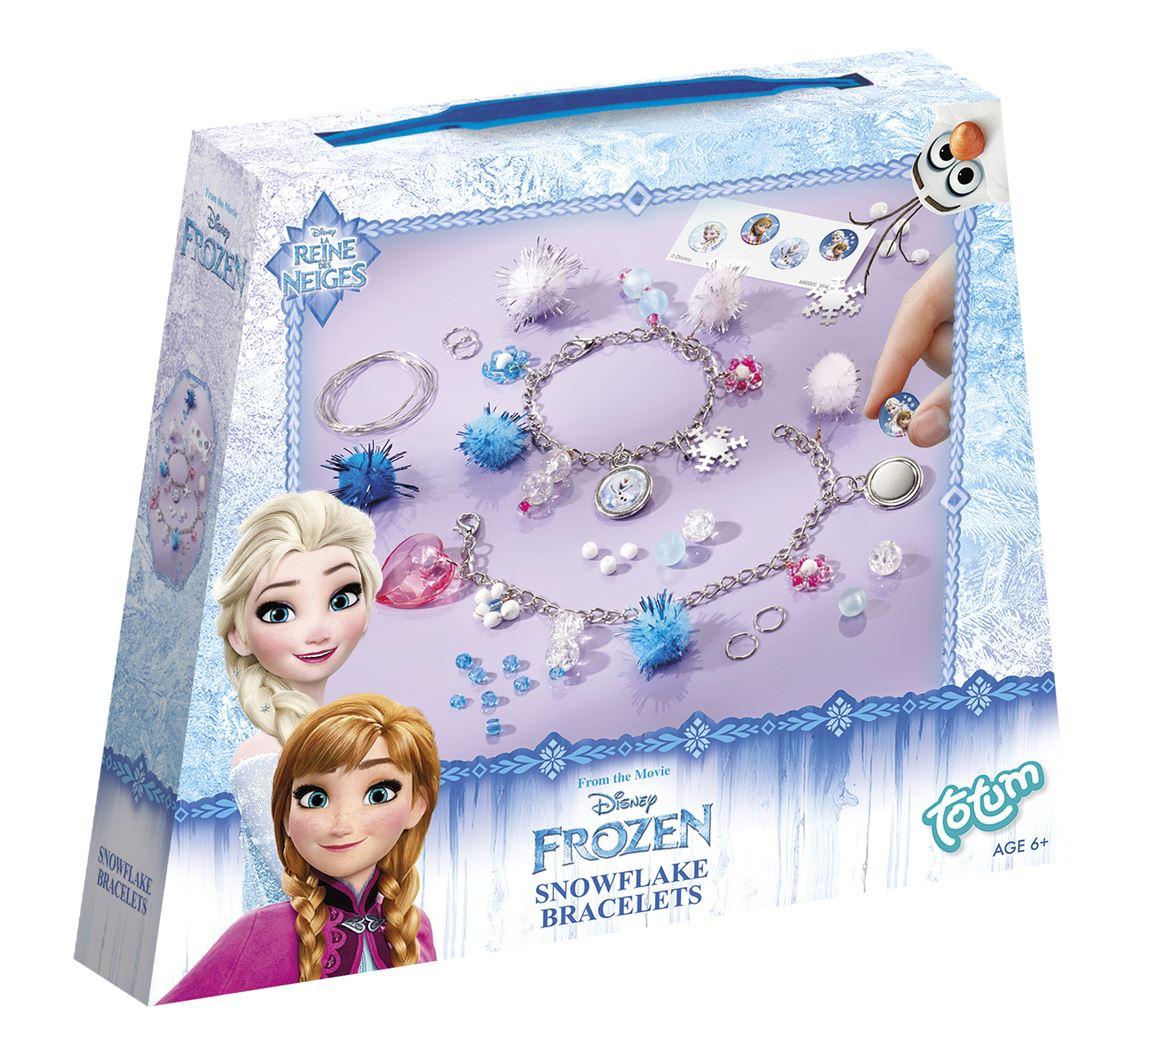 disney frozen snowflake bracelets